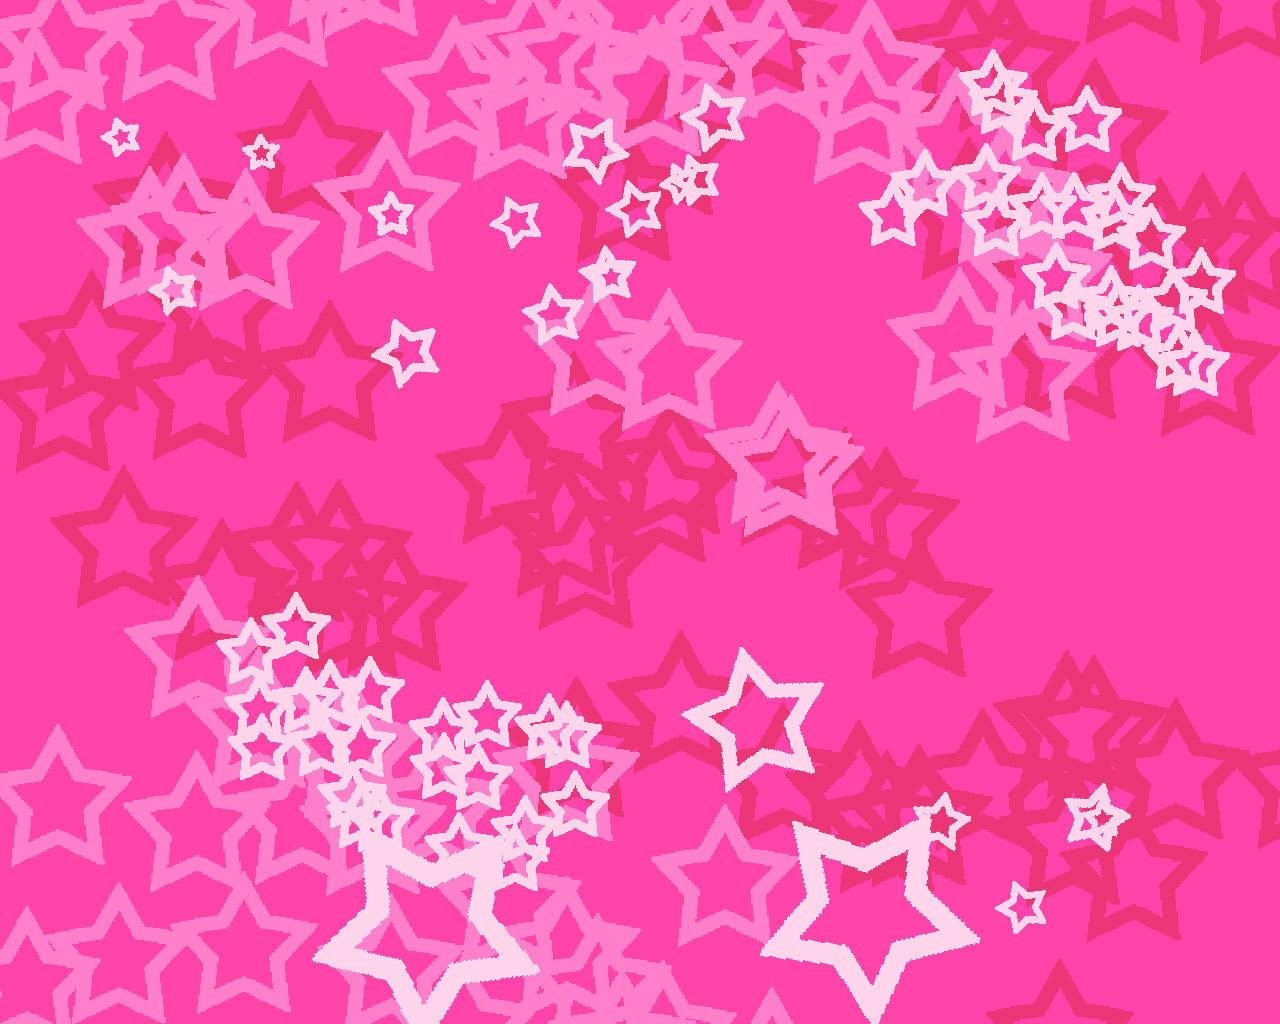 wallpaper expreess baby pink wallpaper